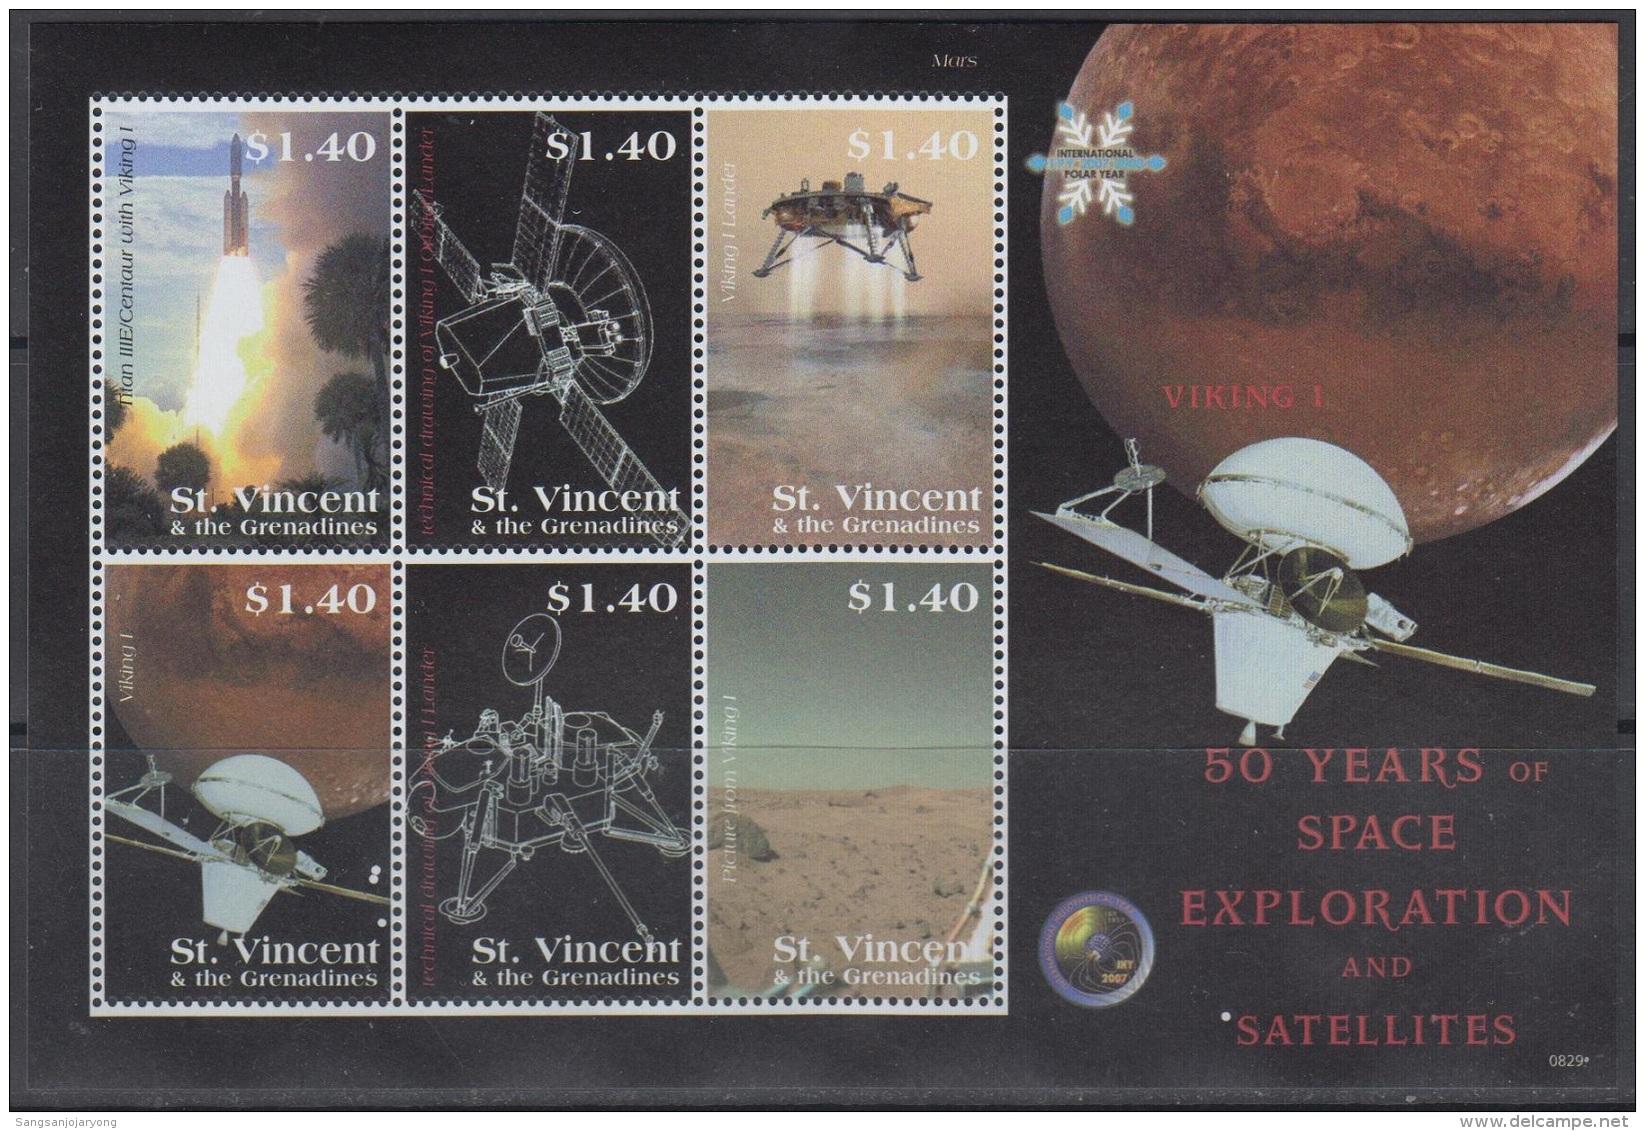 Sheet II, St. Vincent Sc3642 Space Exploration, Satellite, Viking 1, Rocket, Espace - Space